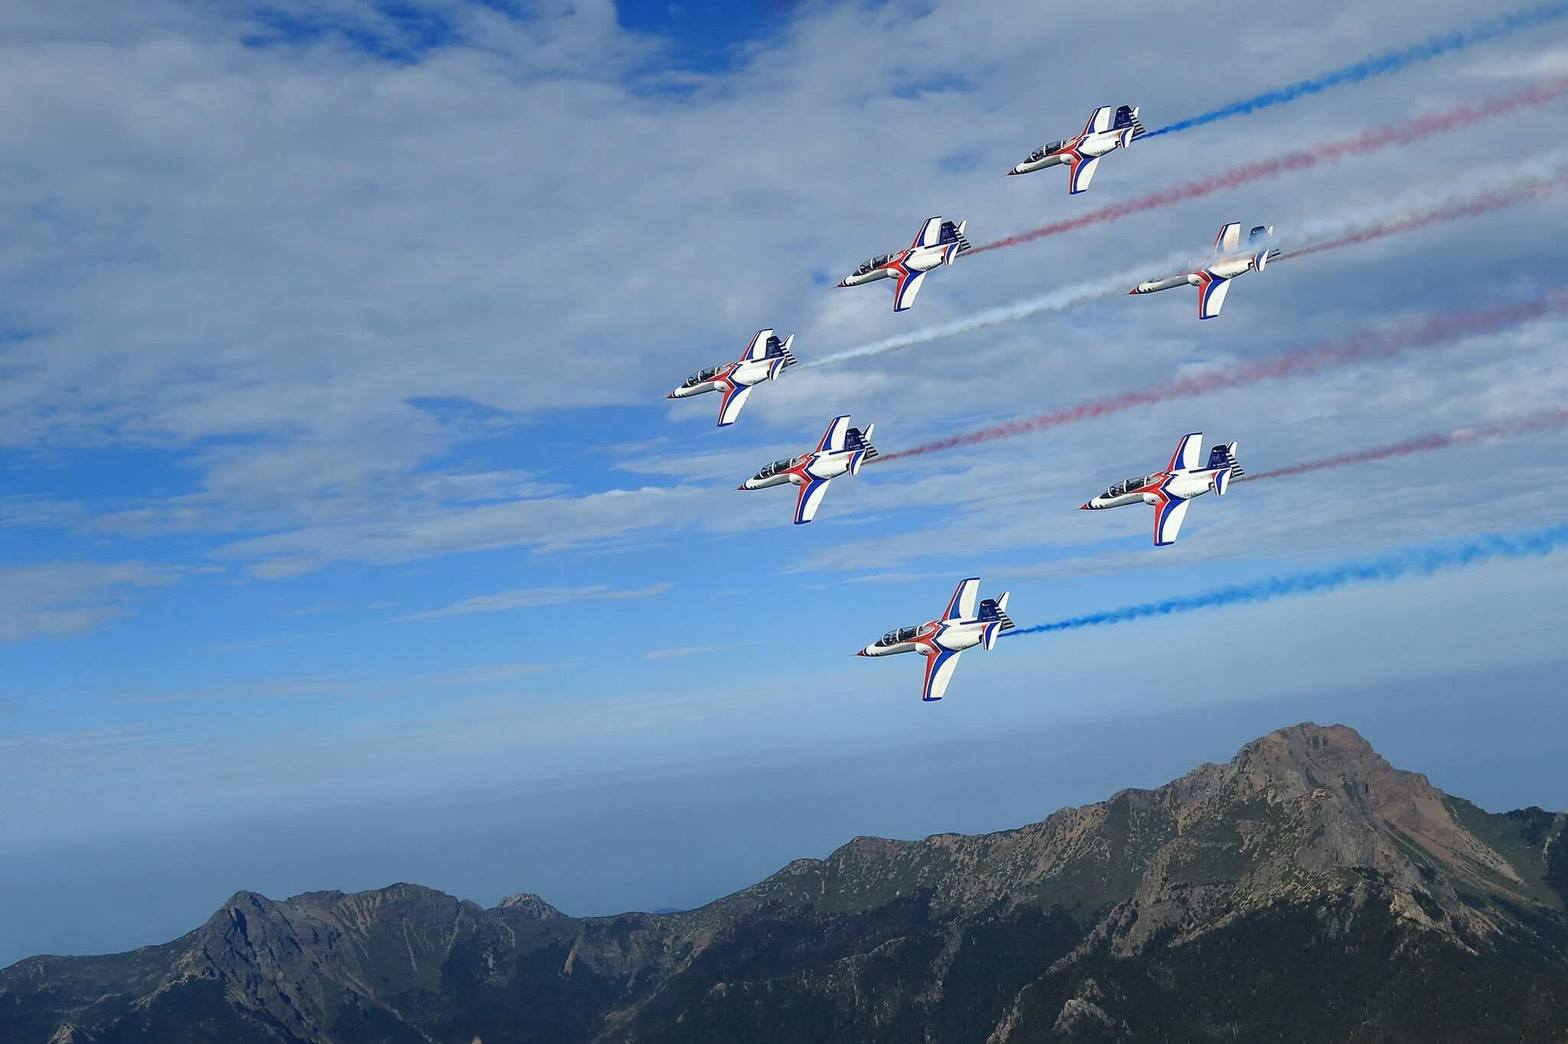 享譽國際的空軍雷虎小組為了今年空軍各場次的營區開放活動,正緊鑼密鼓執行各項戰技訓練